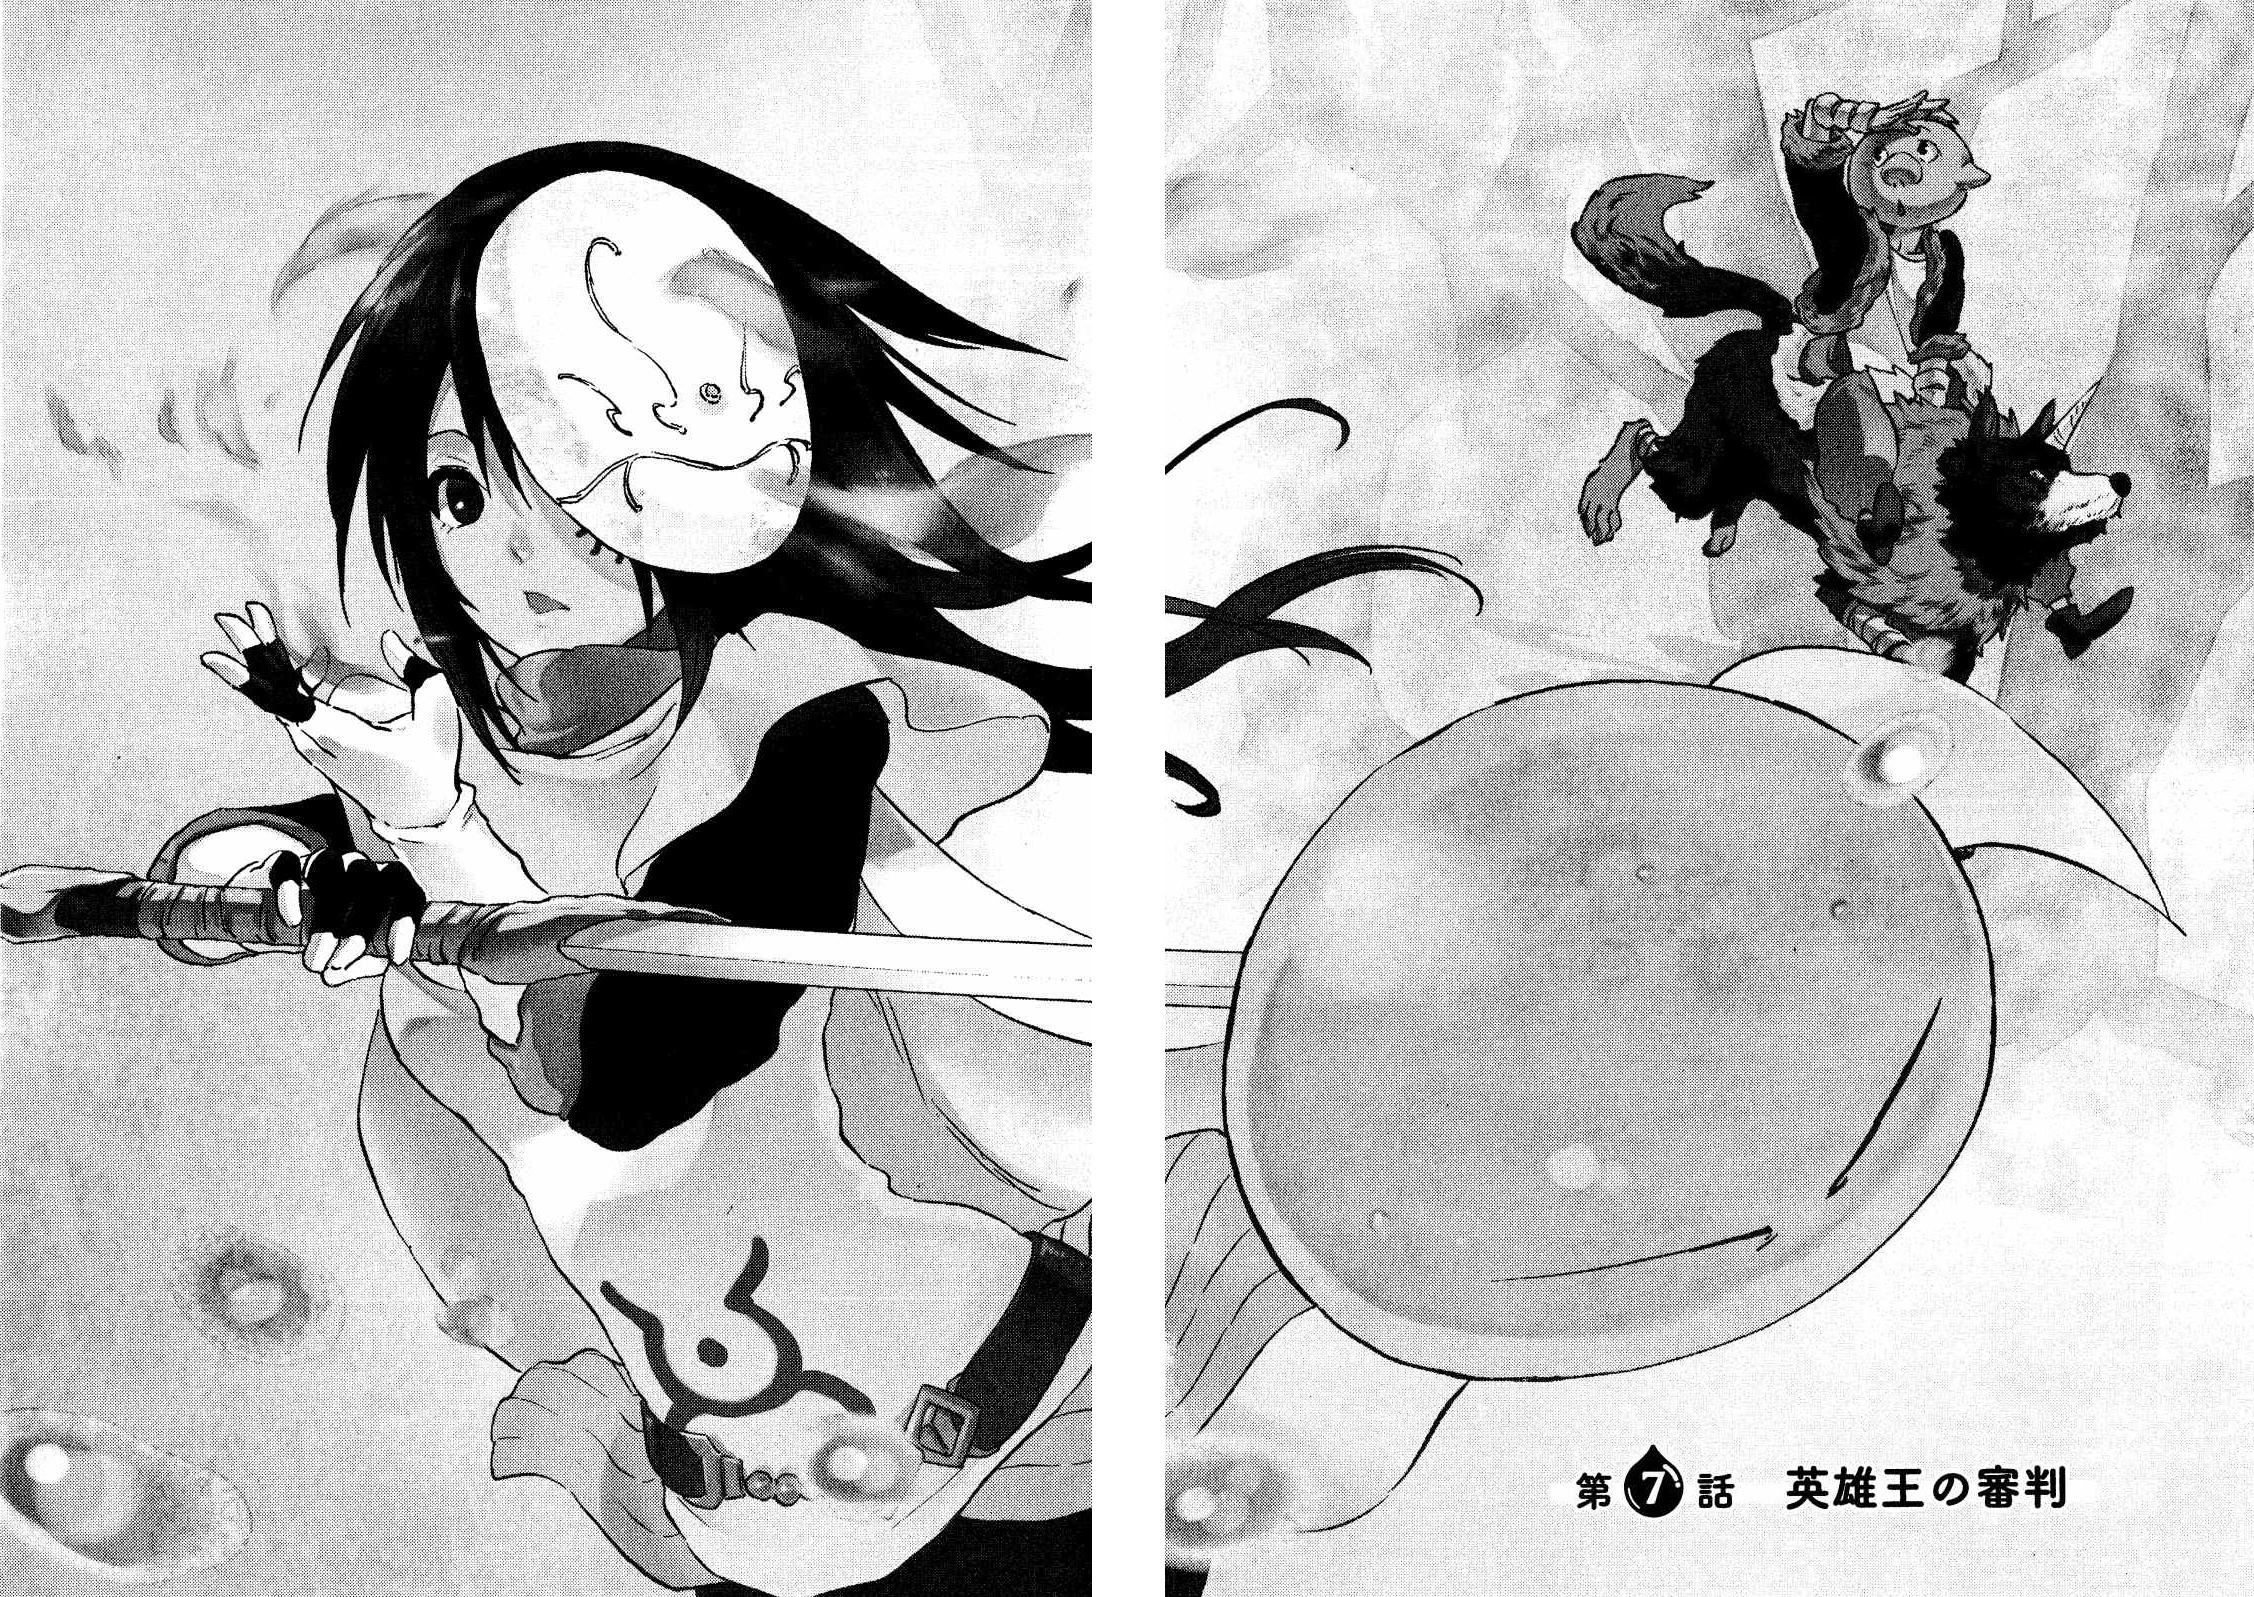 Tensei Shitara Slime Datta Ken Image 1999445 Zerochan Anime Image